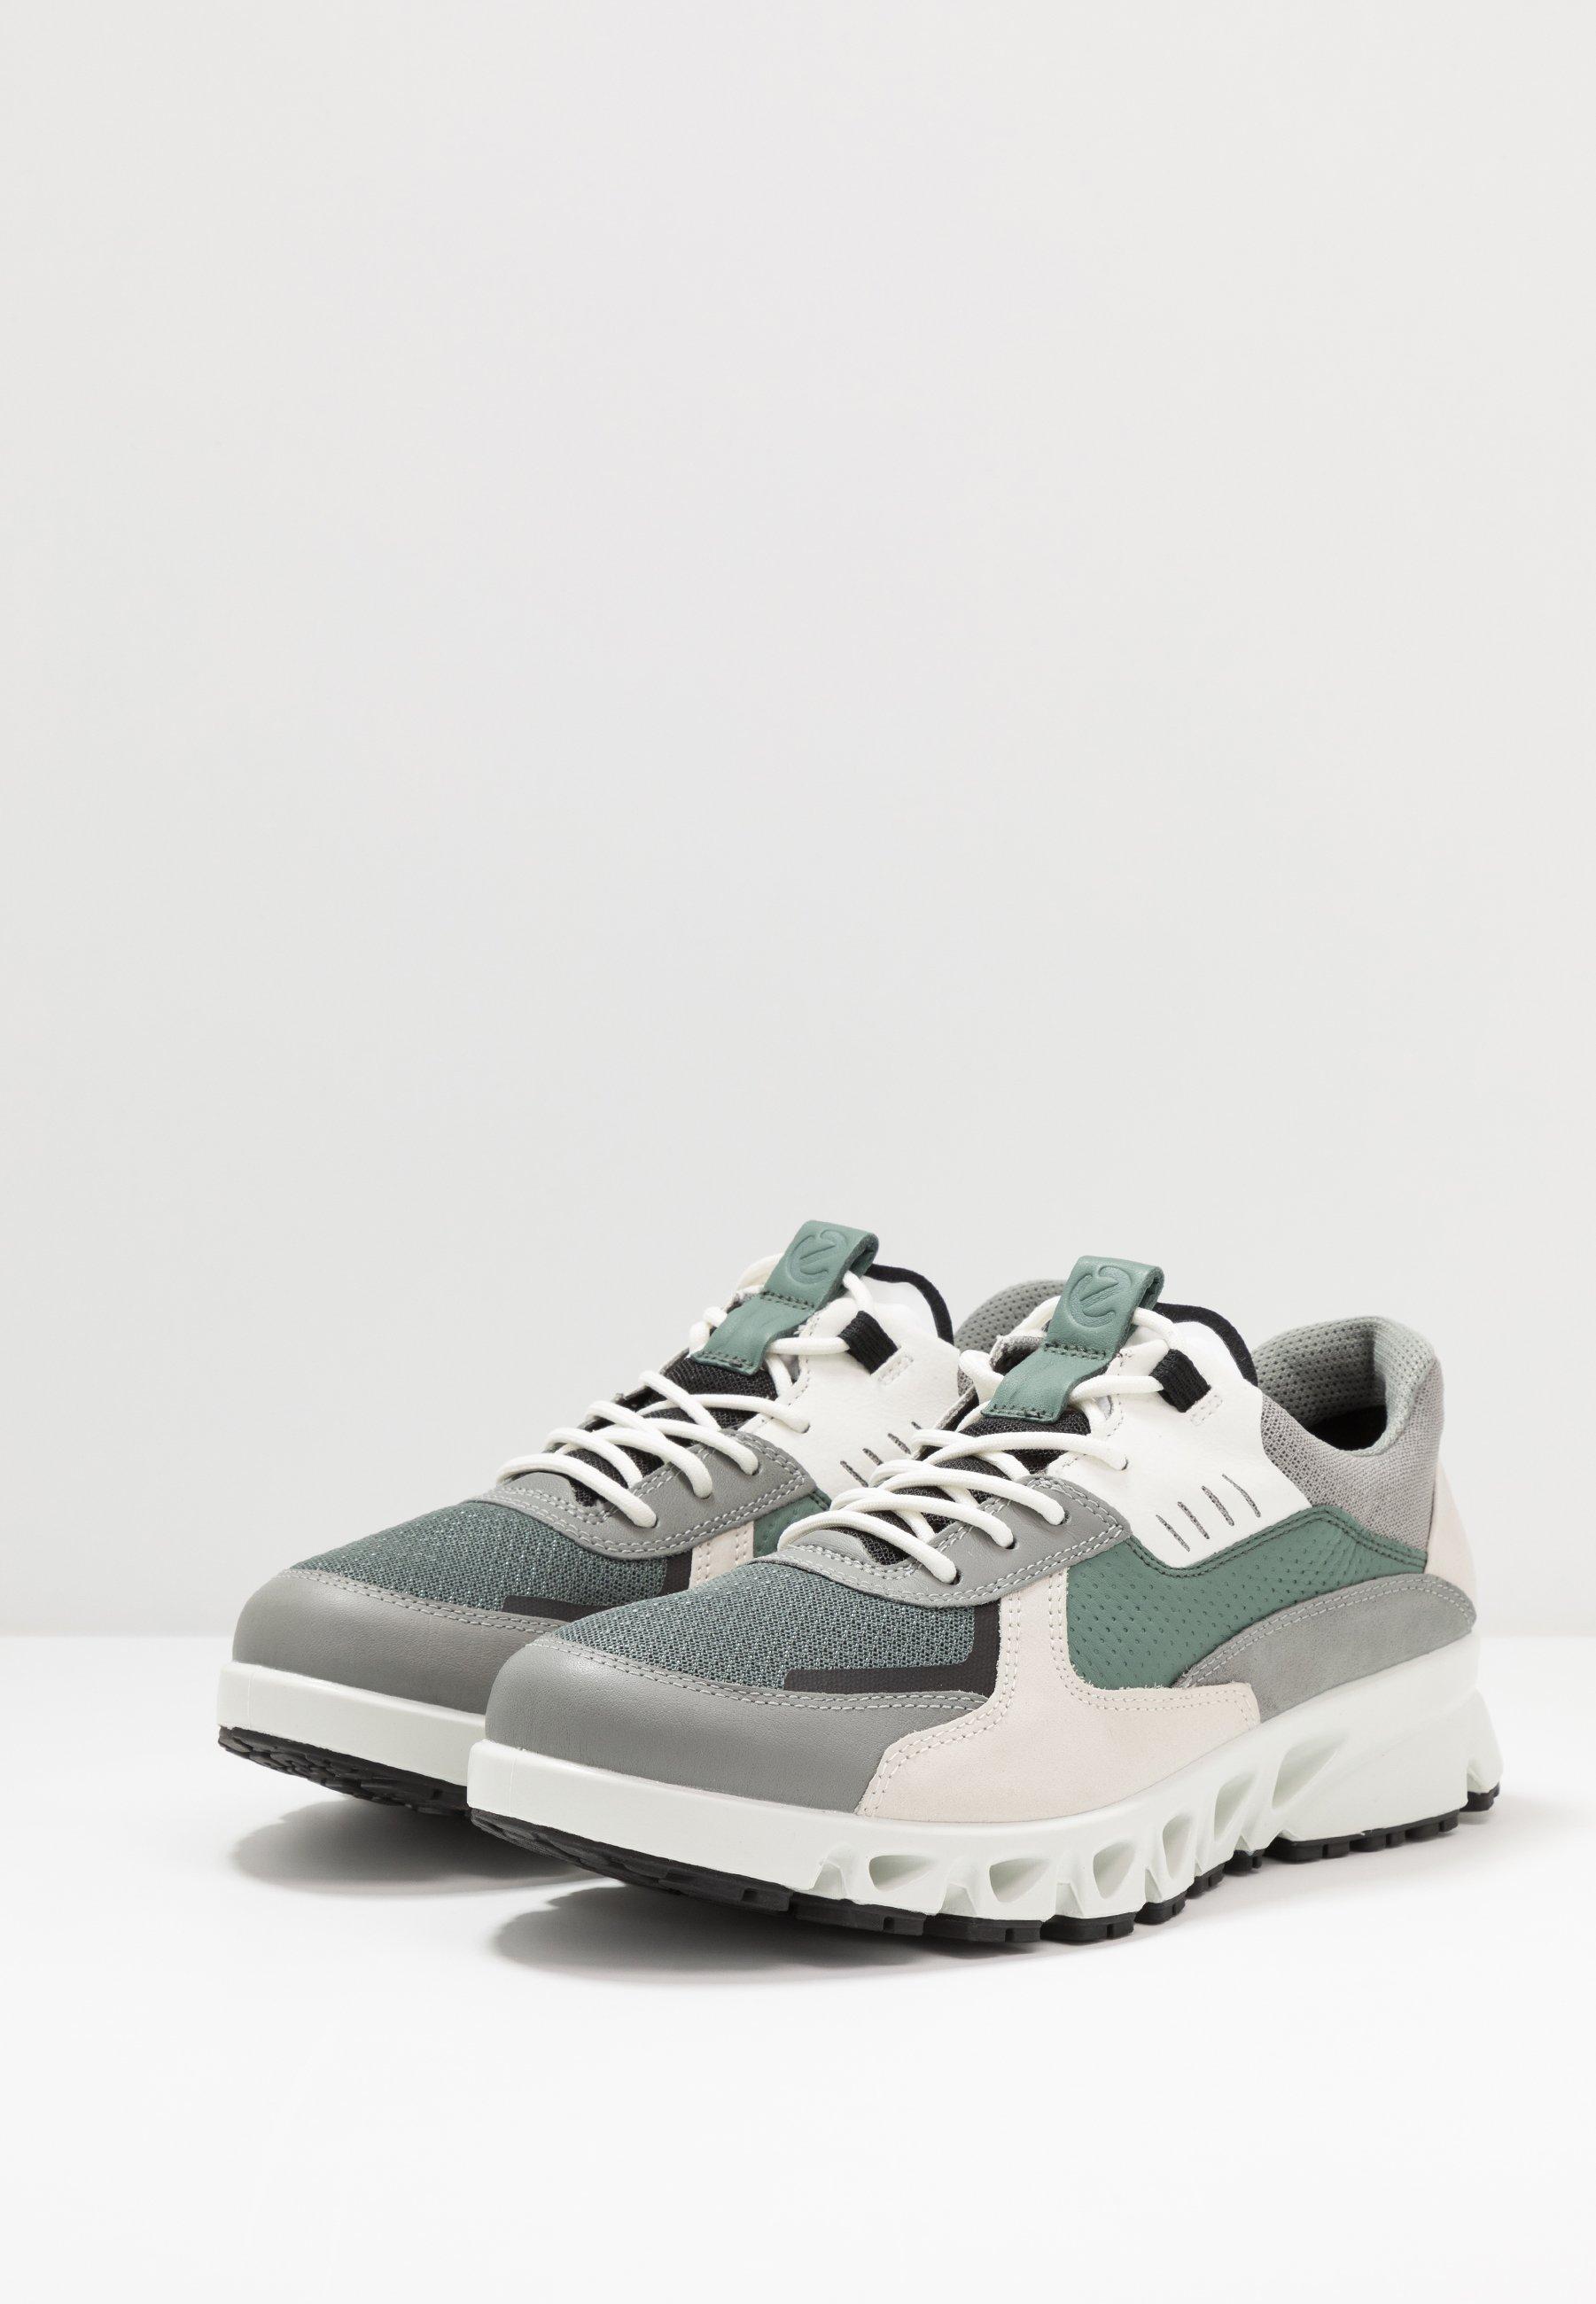 Ecco Multi-vent - Sneakers Basse Multicolor/wild Dove 7EfphFi